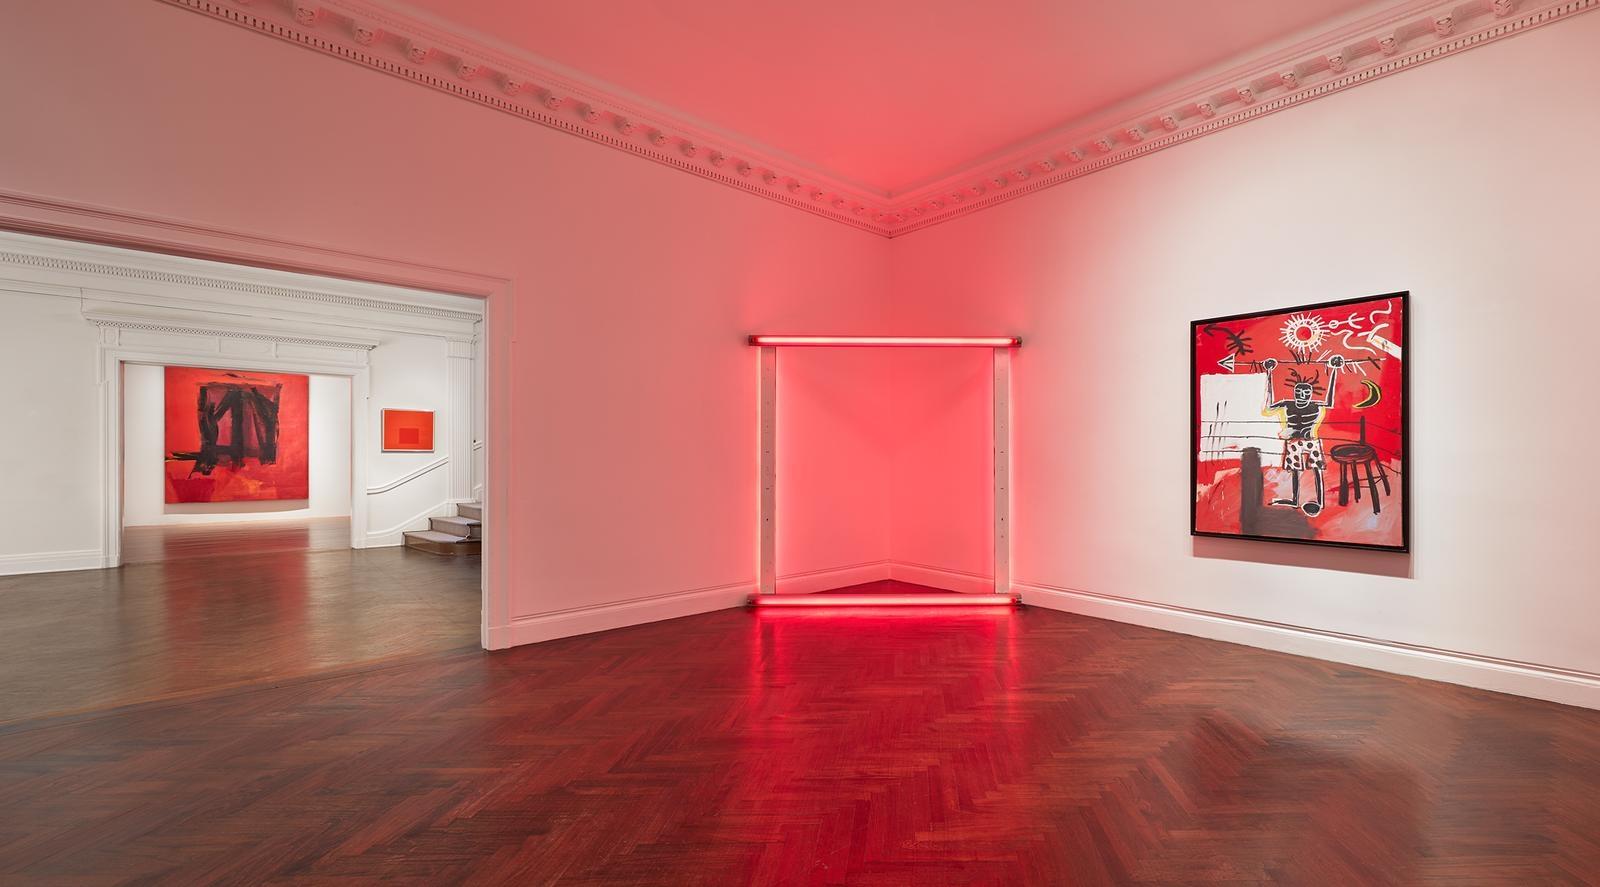 Reds Installation View 13